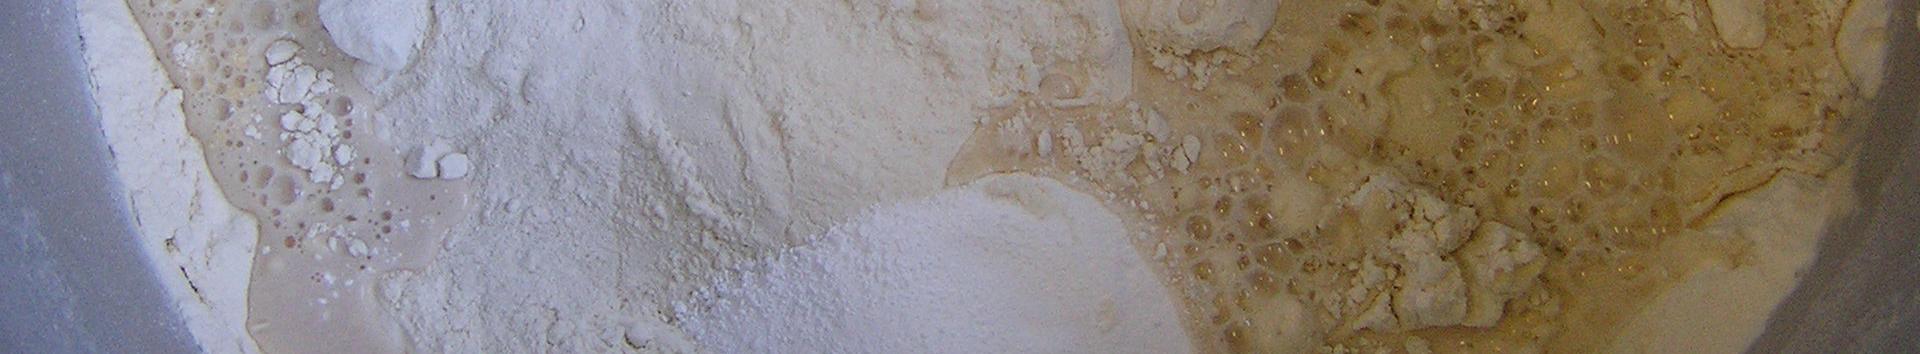 Biotecnología de la fermentación: levaduras industriales